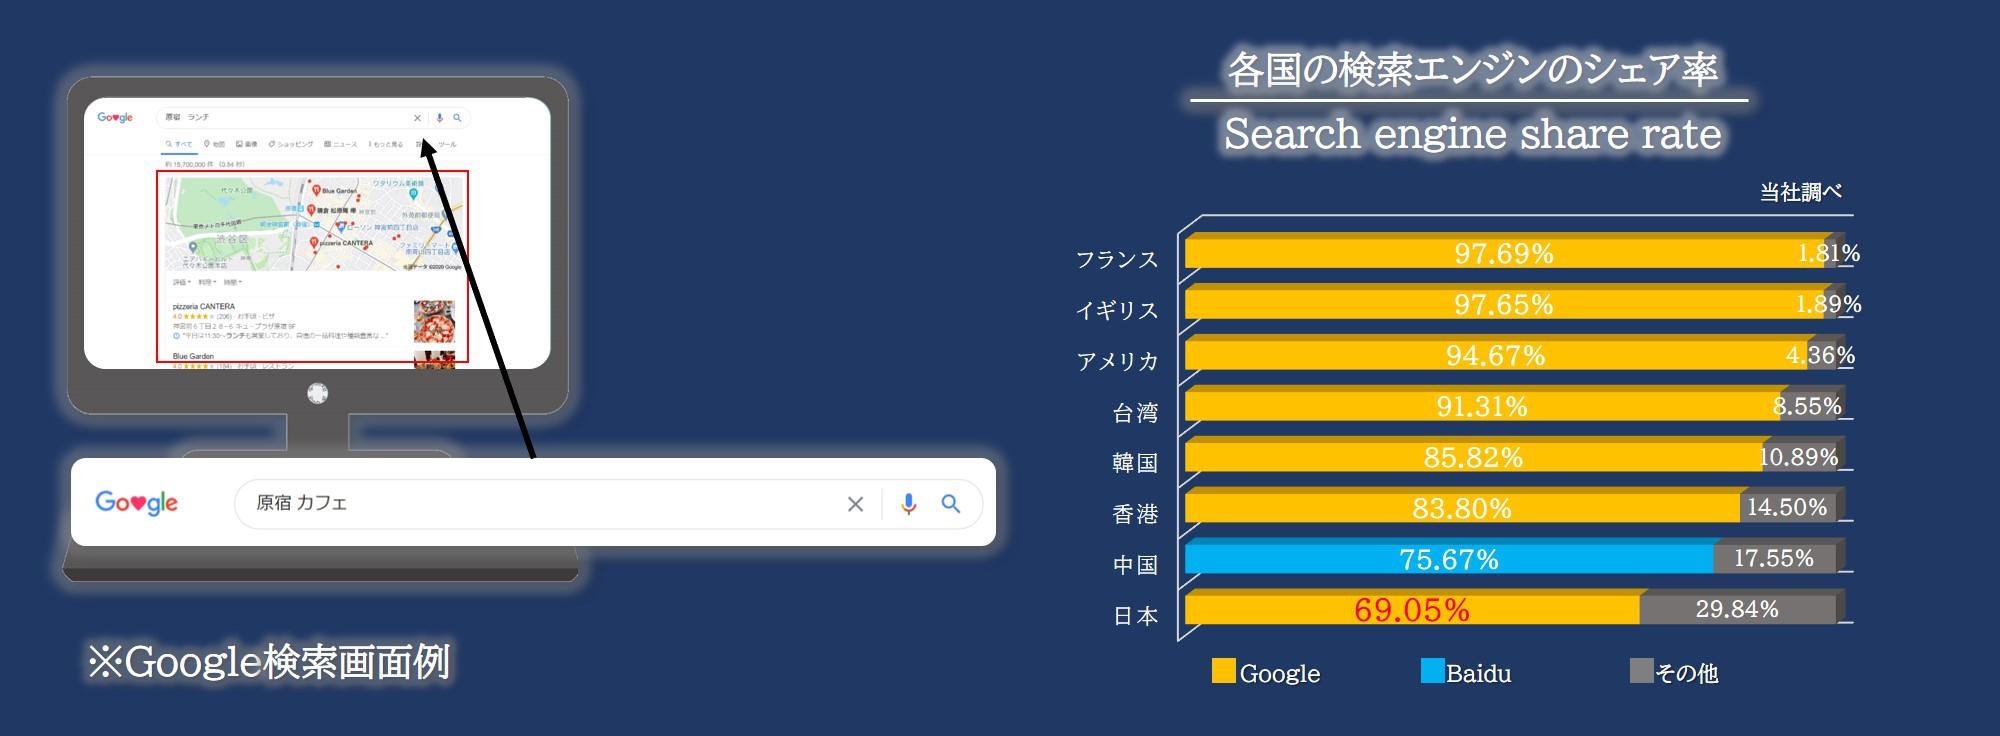 Ⅰ.MEO(Googleマイビジネス)とは何⁉